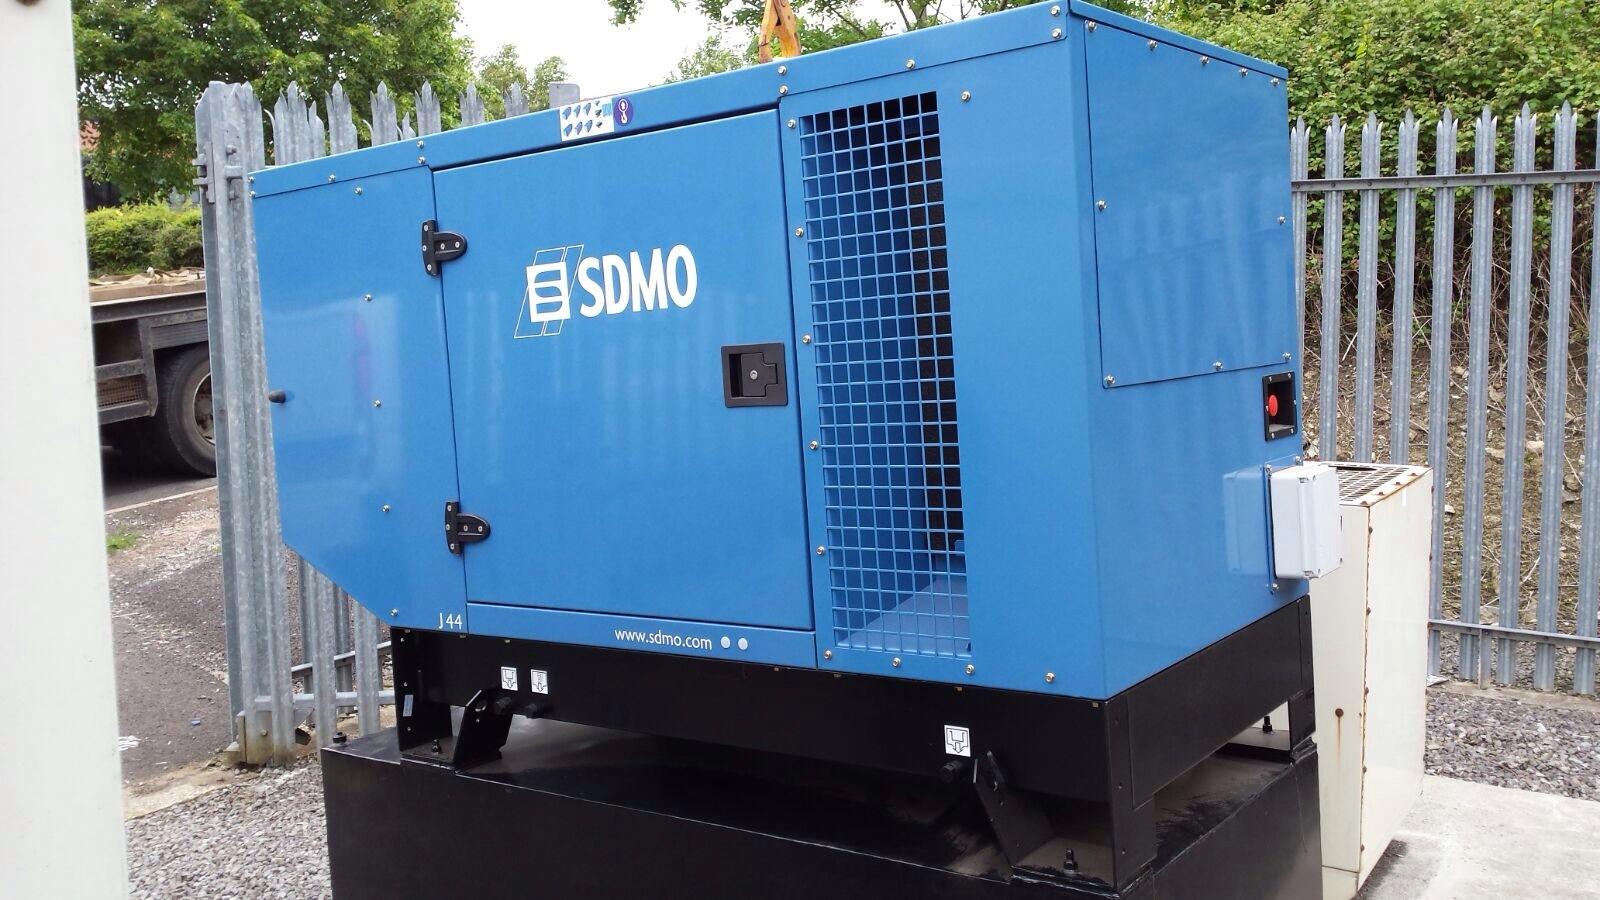 New Generator with secure 24hr fuel tank in bund under genset - designed by GEMS